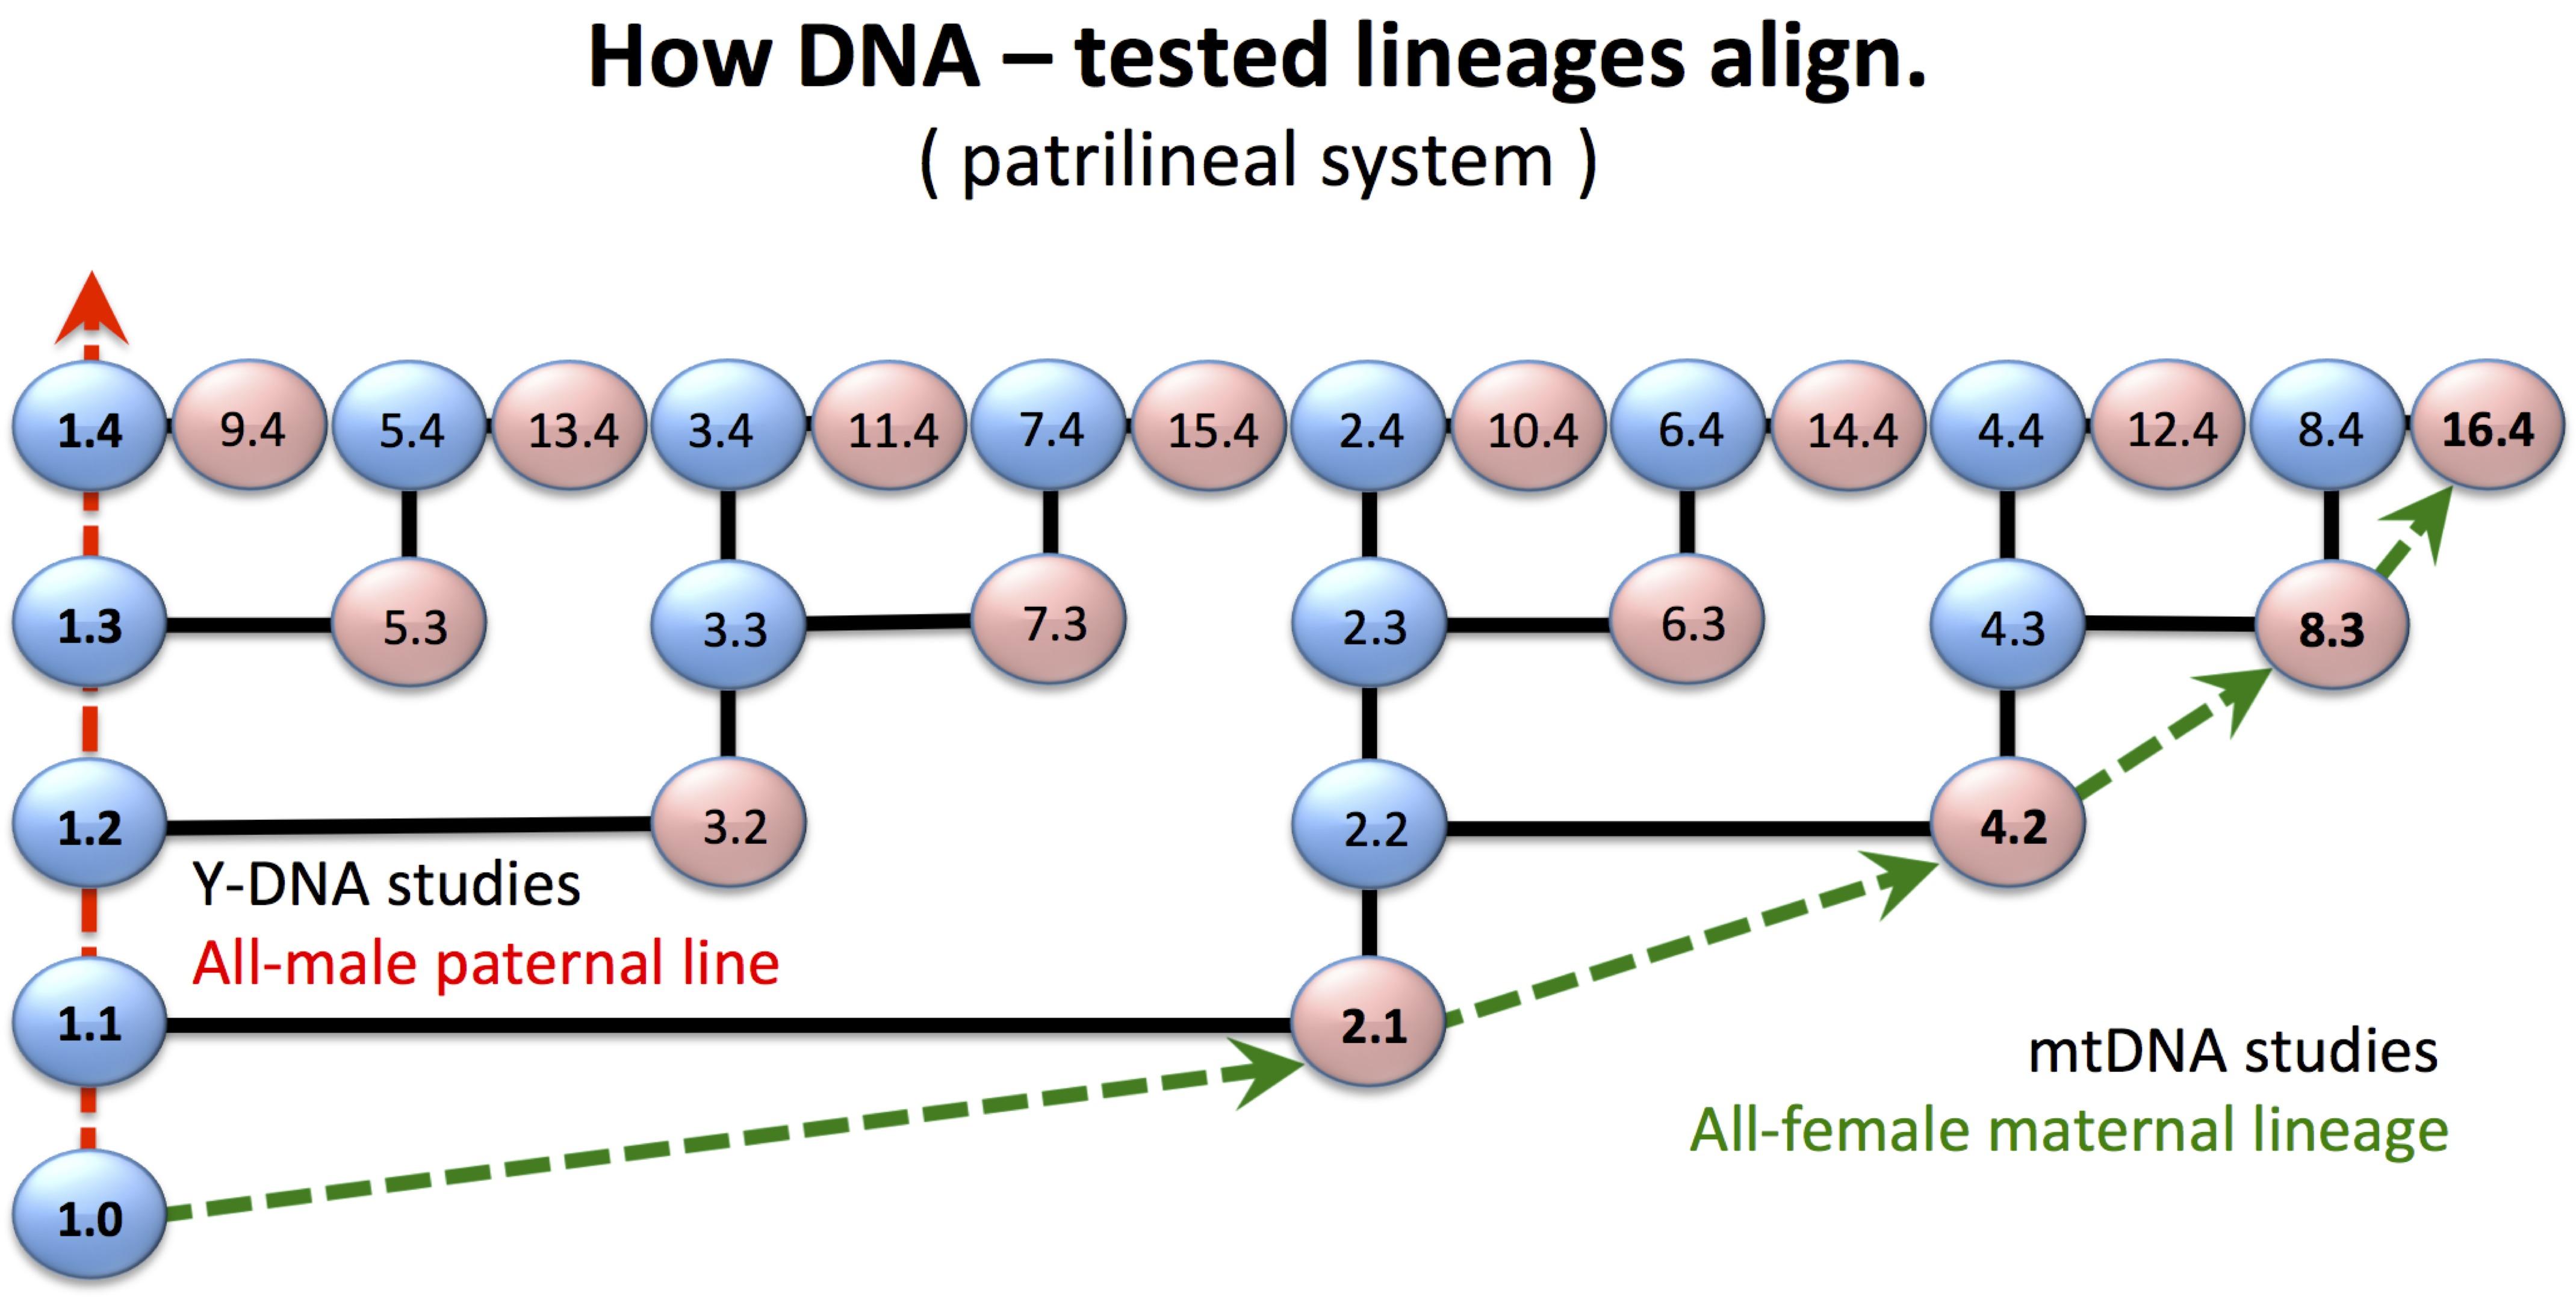 HowDNA-testedLineagesAlign